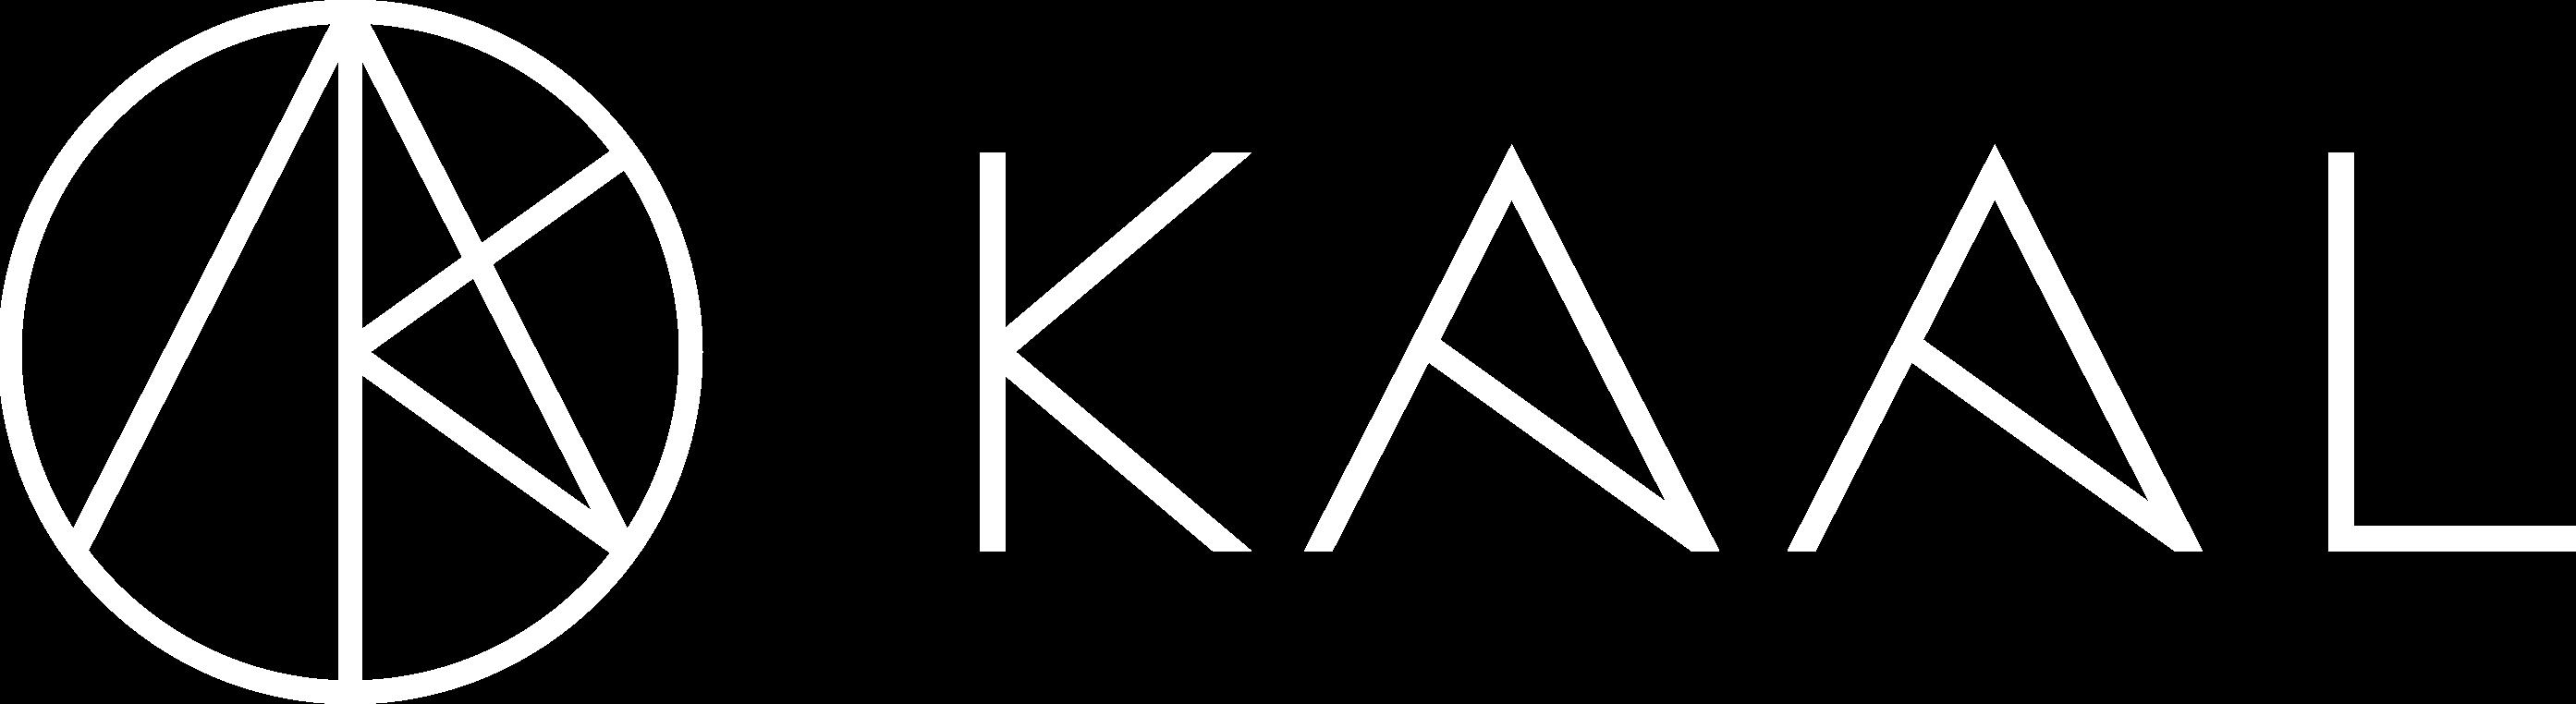 Wulf Kaal